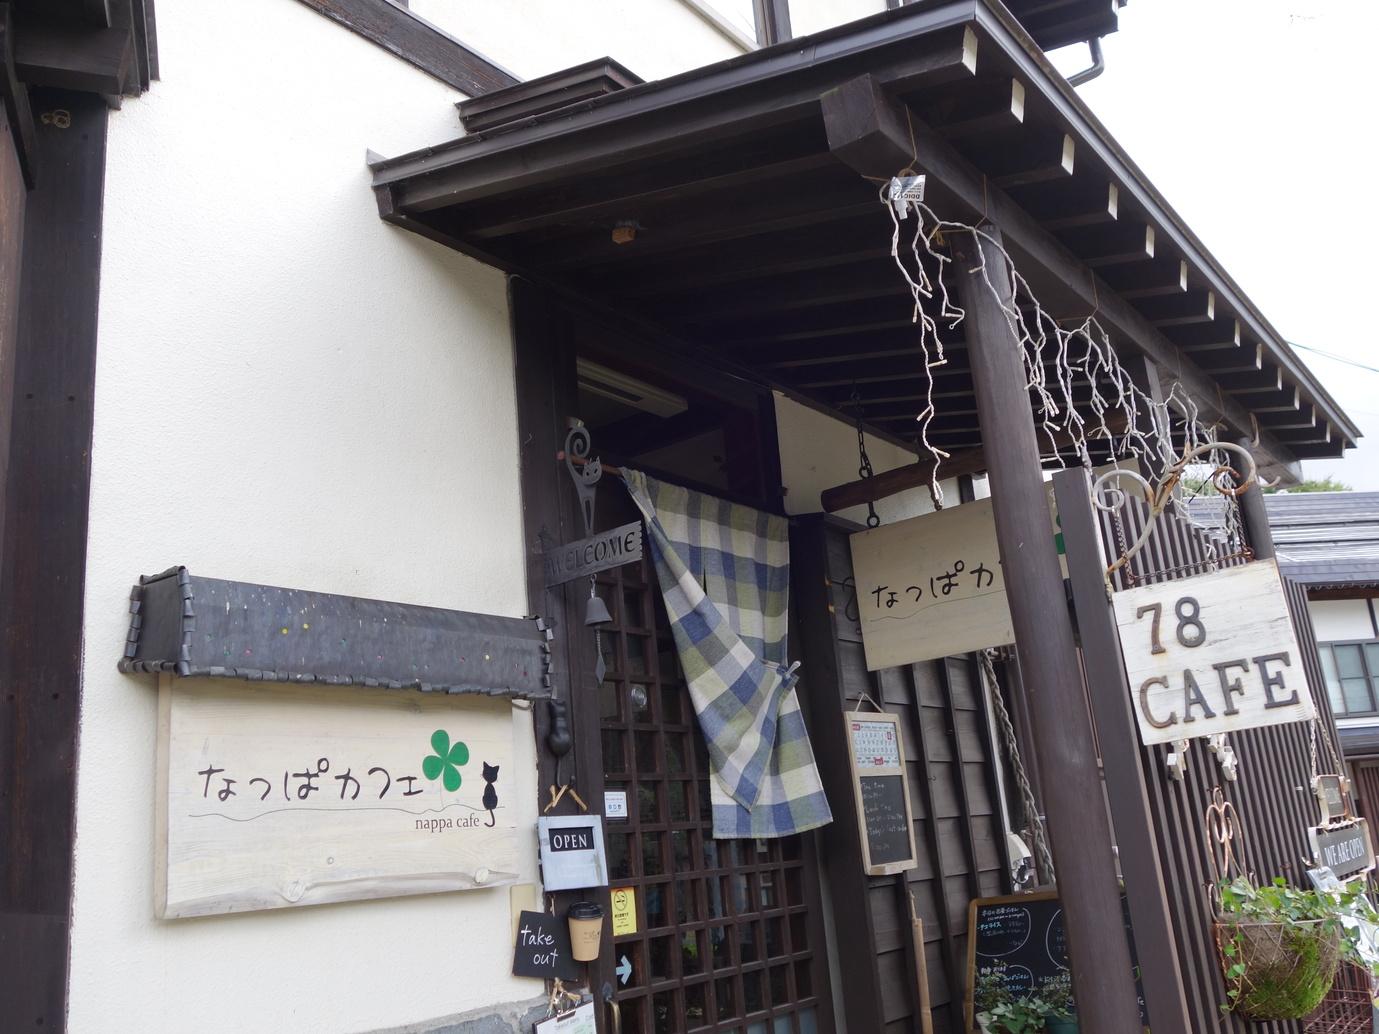 なっぱカフェ name=